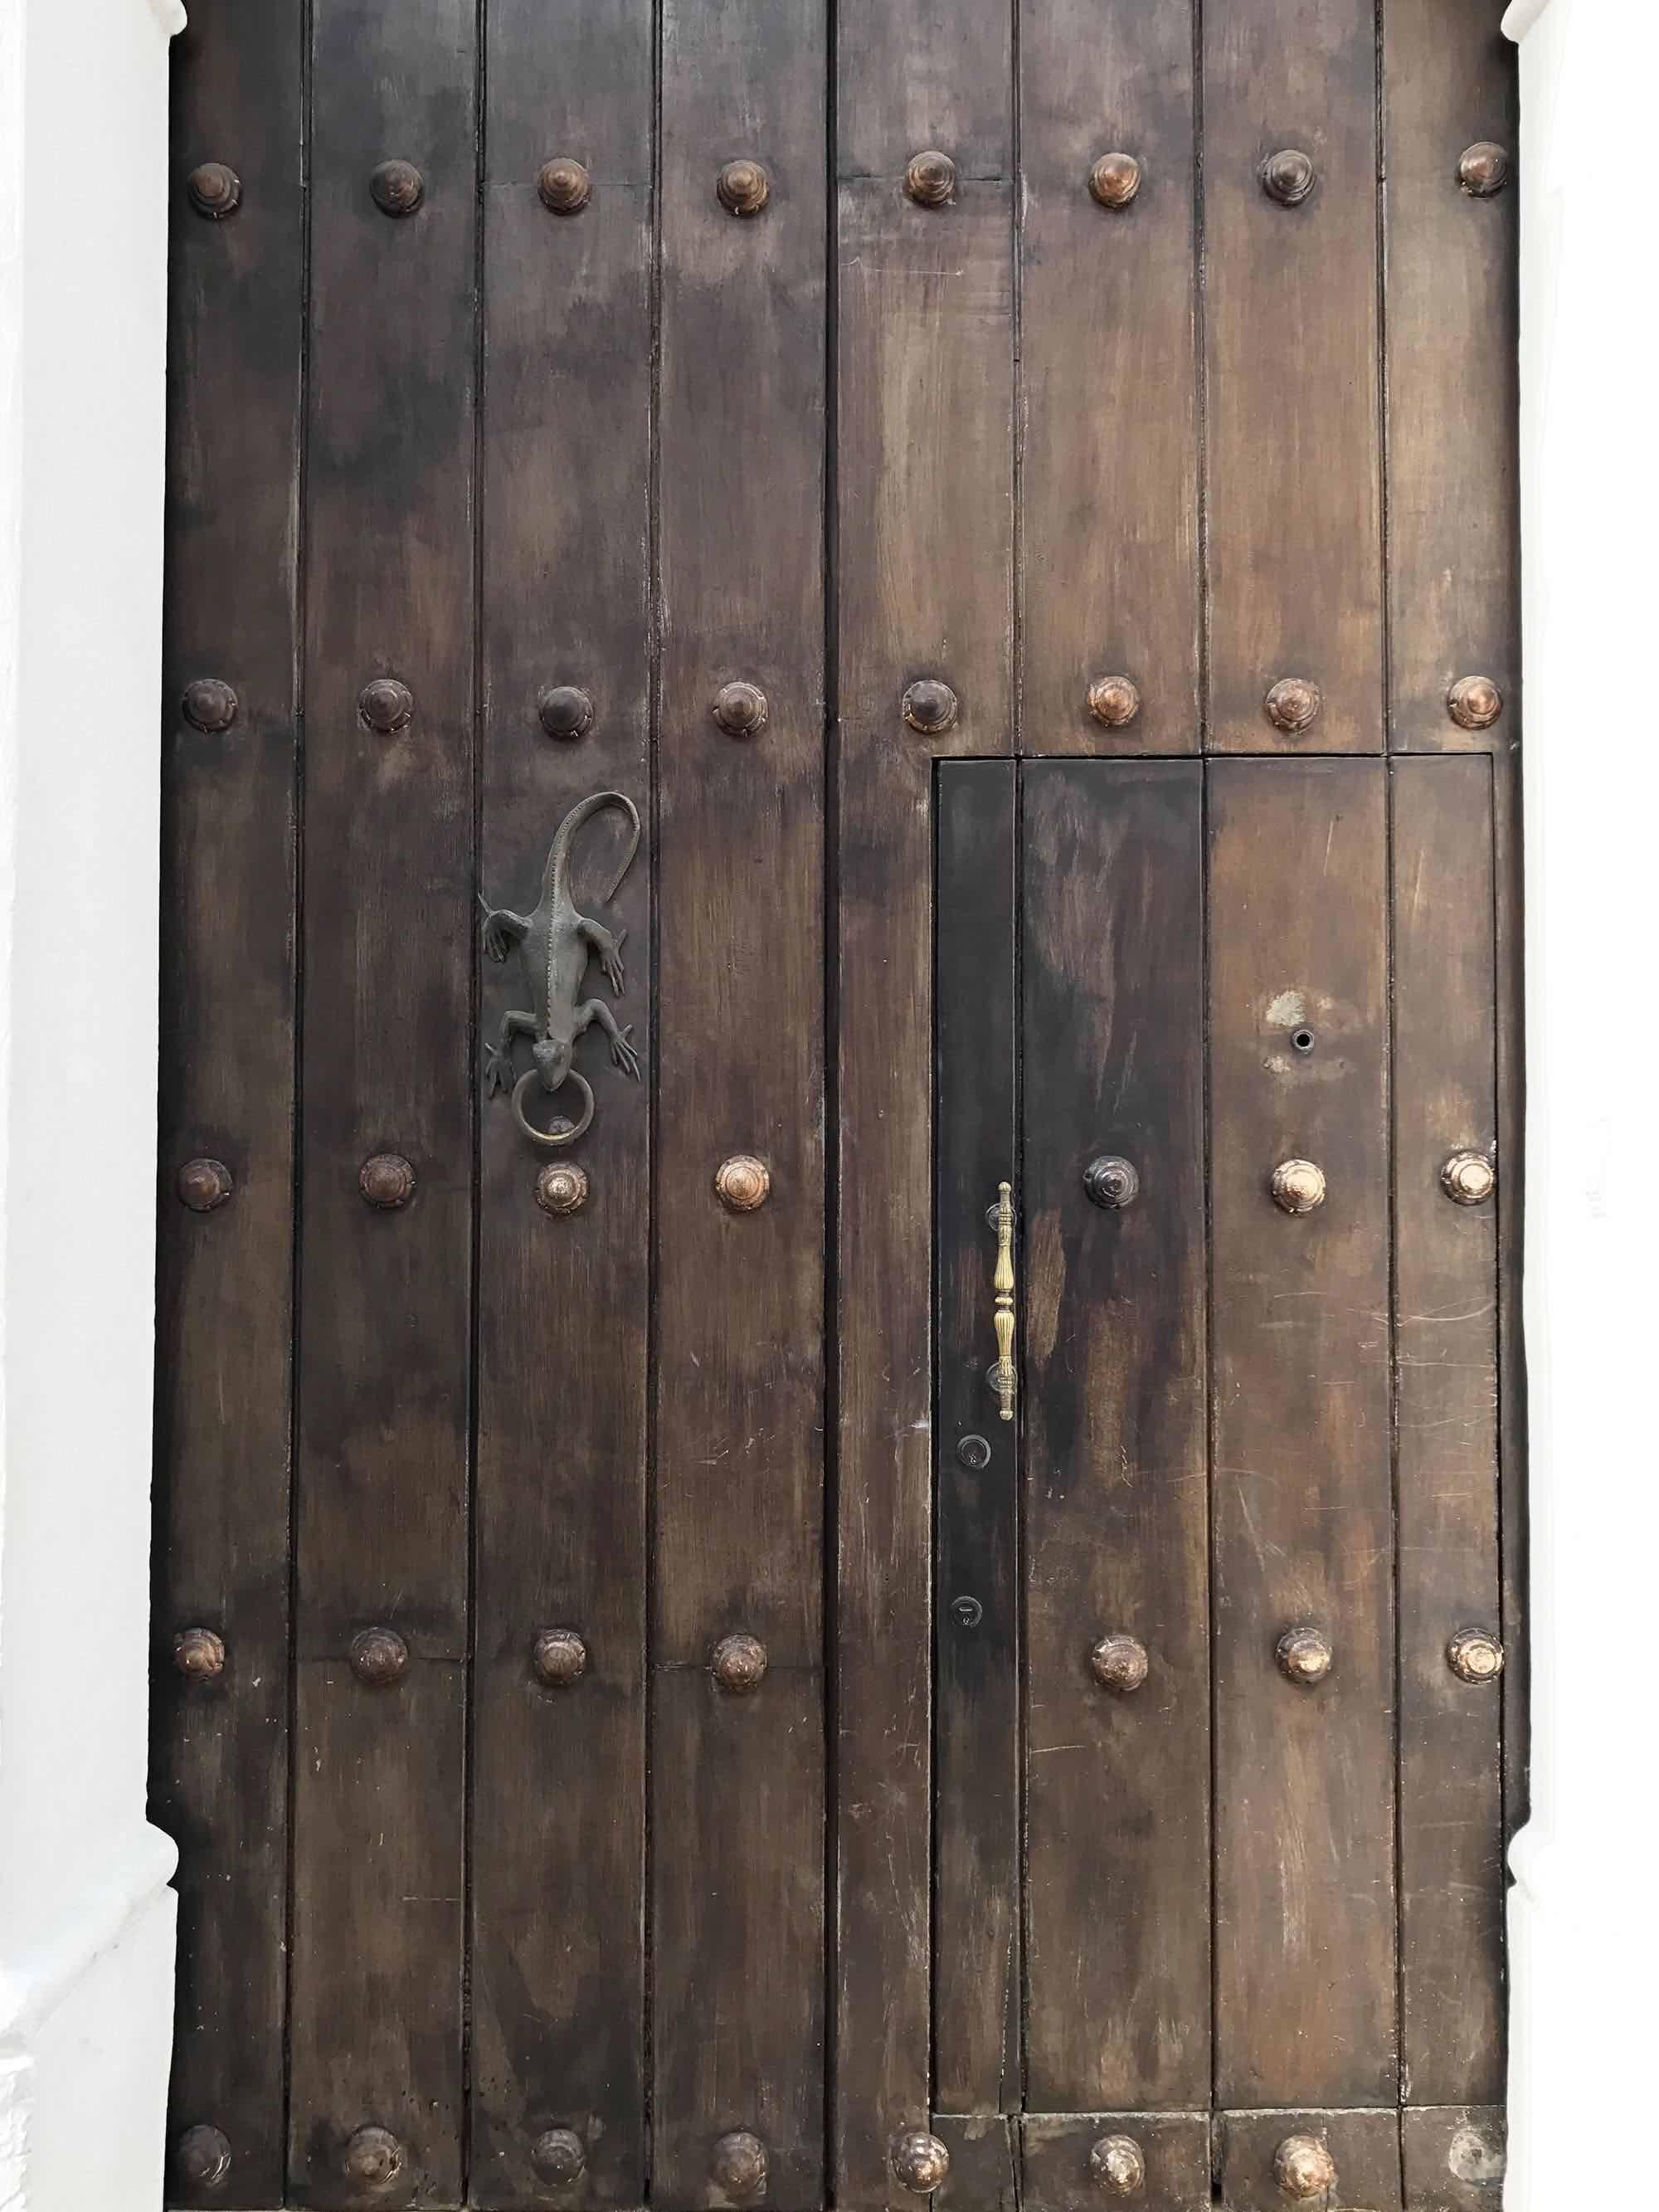 Lizard door knocker | Doors and Door Knockers of Cartagena, Colombia | pictures of Cartagena, Colombia